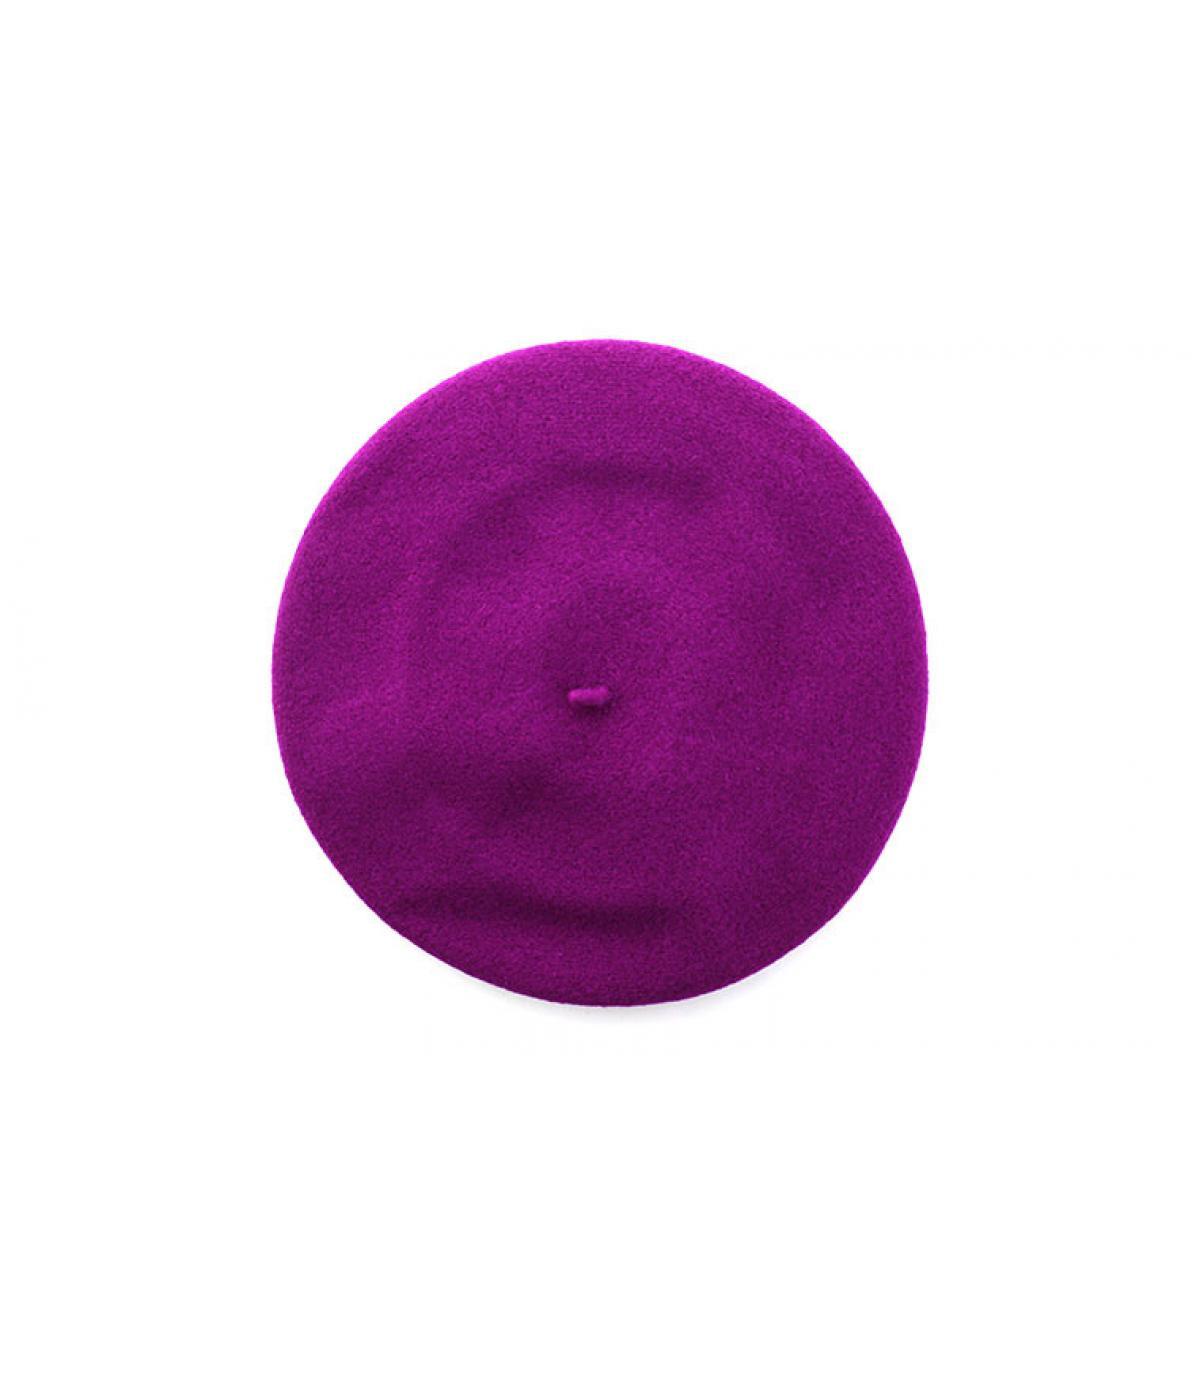 béret bord-côte violet